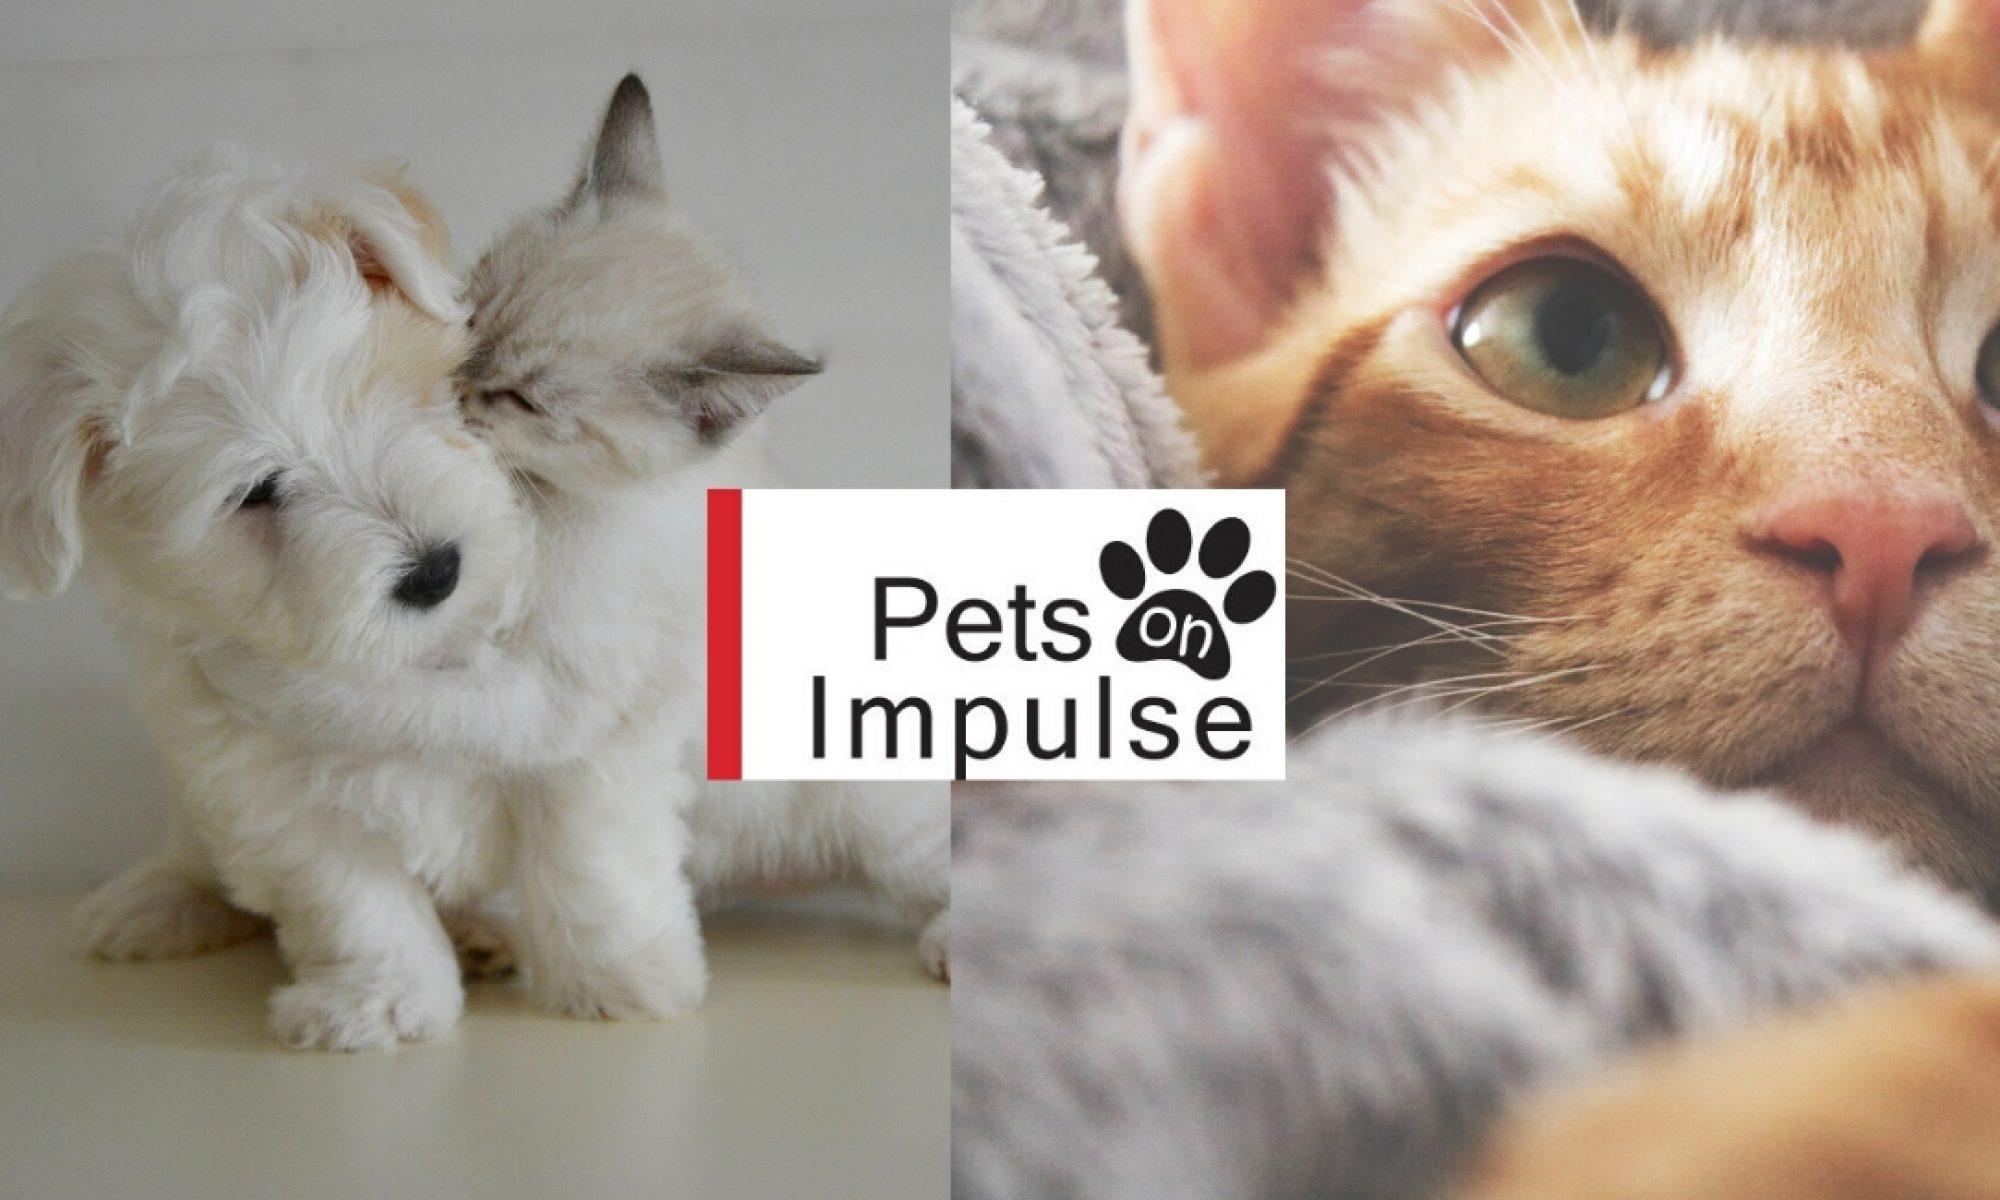 Pets On Impulse